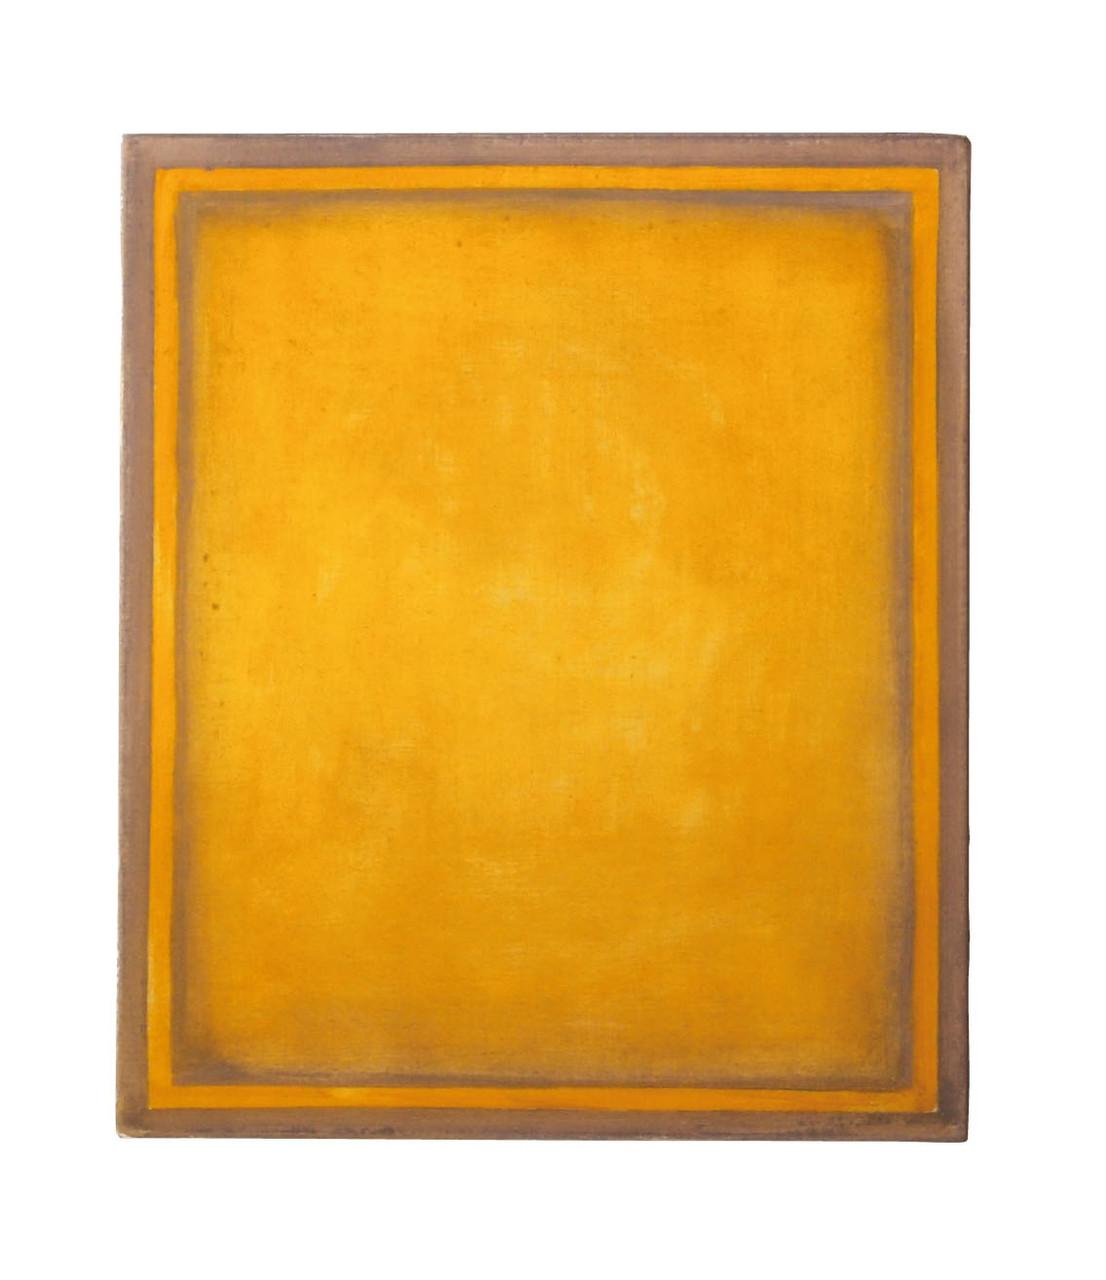 Ohne Titel, 2013, Öl auf Leinwand, 59 x 50 cm